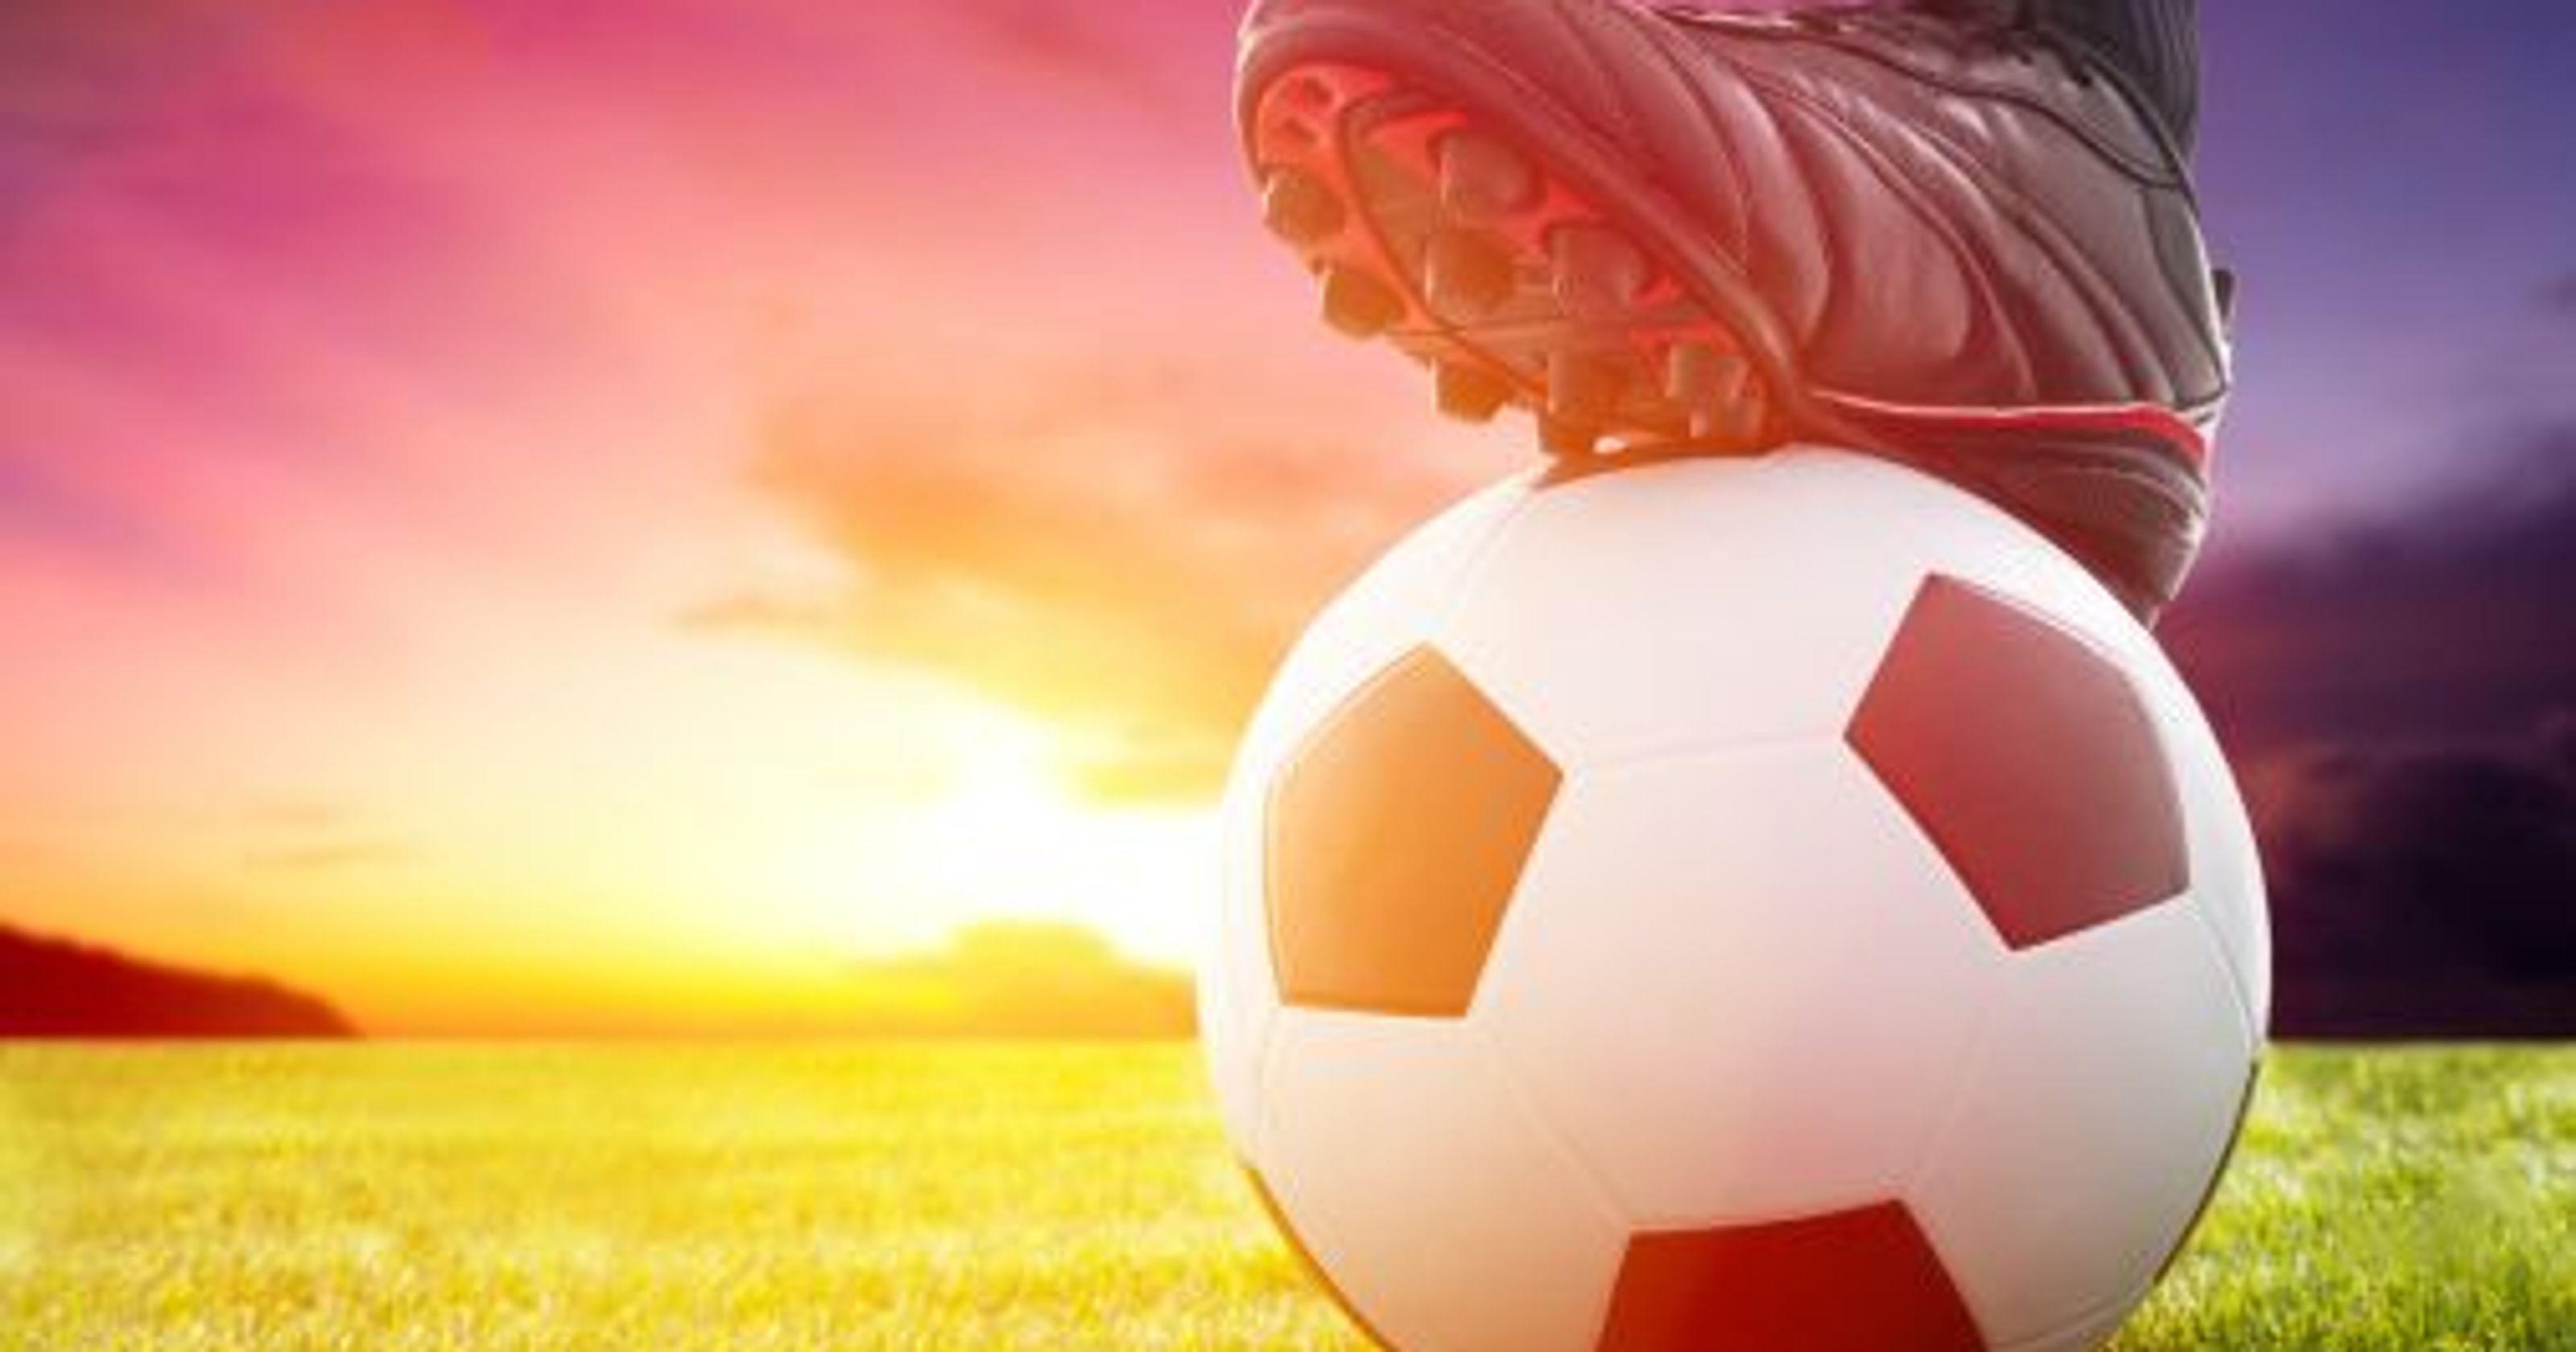 ۱۵ ستاره آیندهدار و ارزشمند فوتبال جهان+عکس